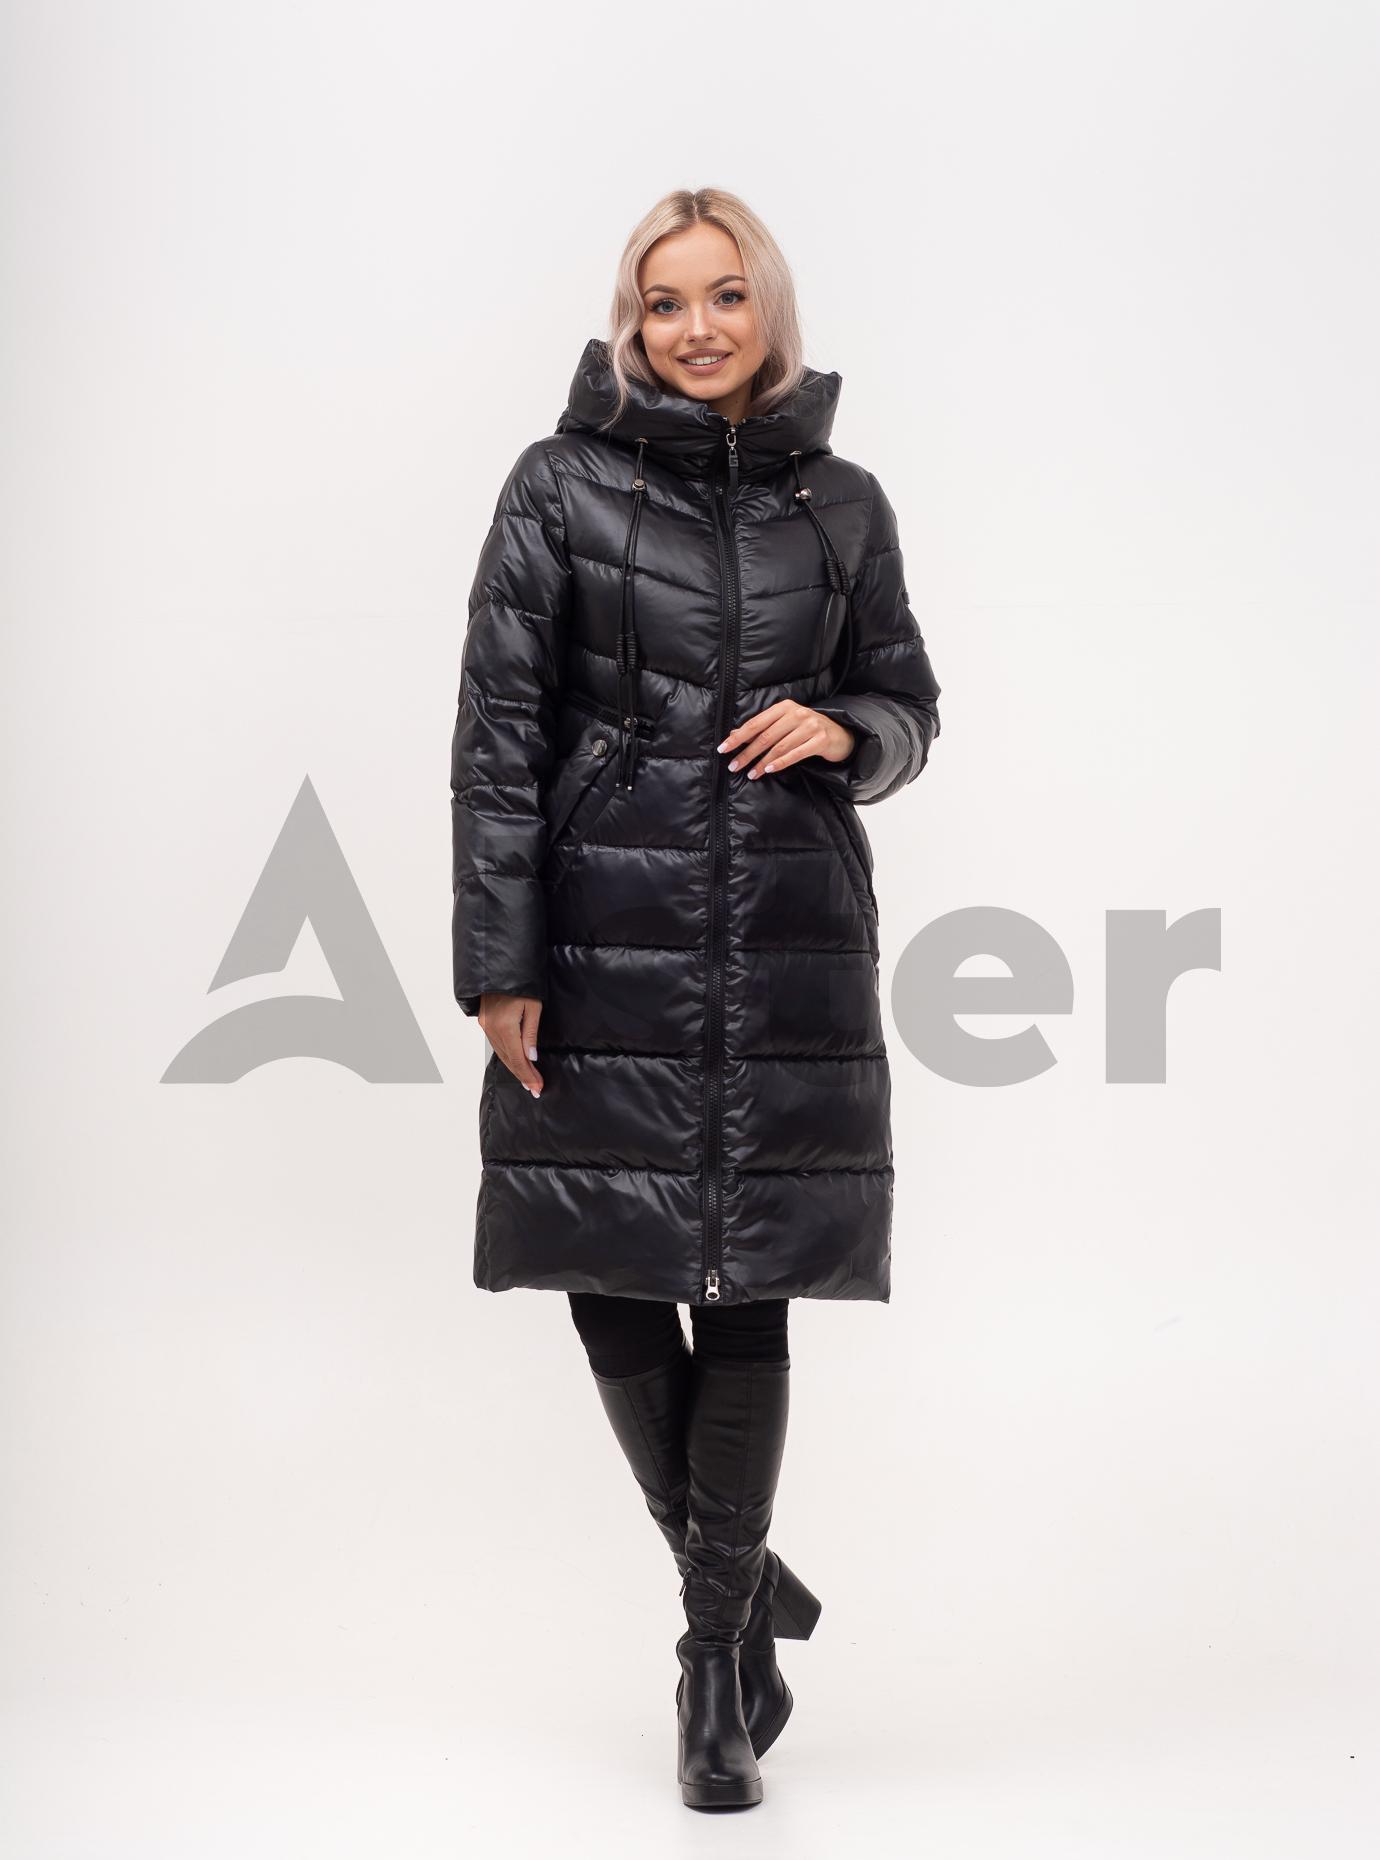 Куртка зимняя длинная стеганая с капюшоном Светло-бежевый S (02-N200489): фото - Alster.ua